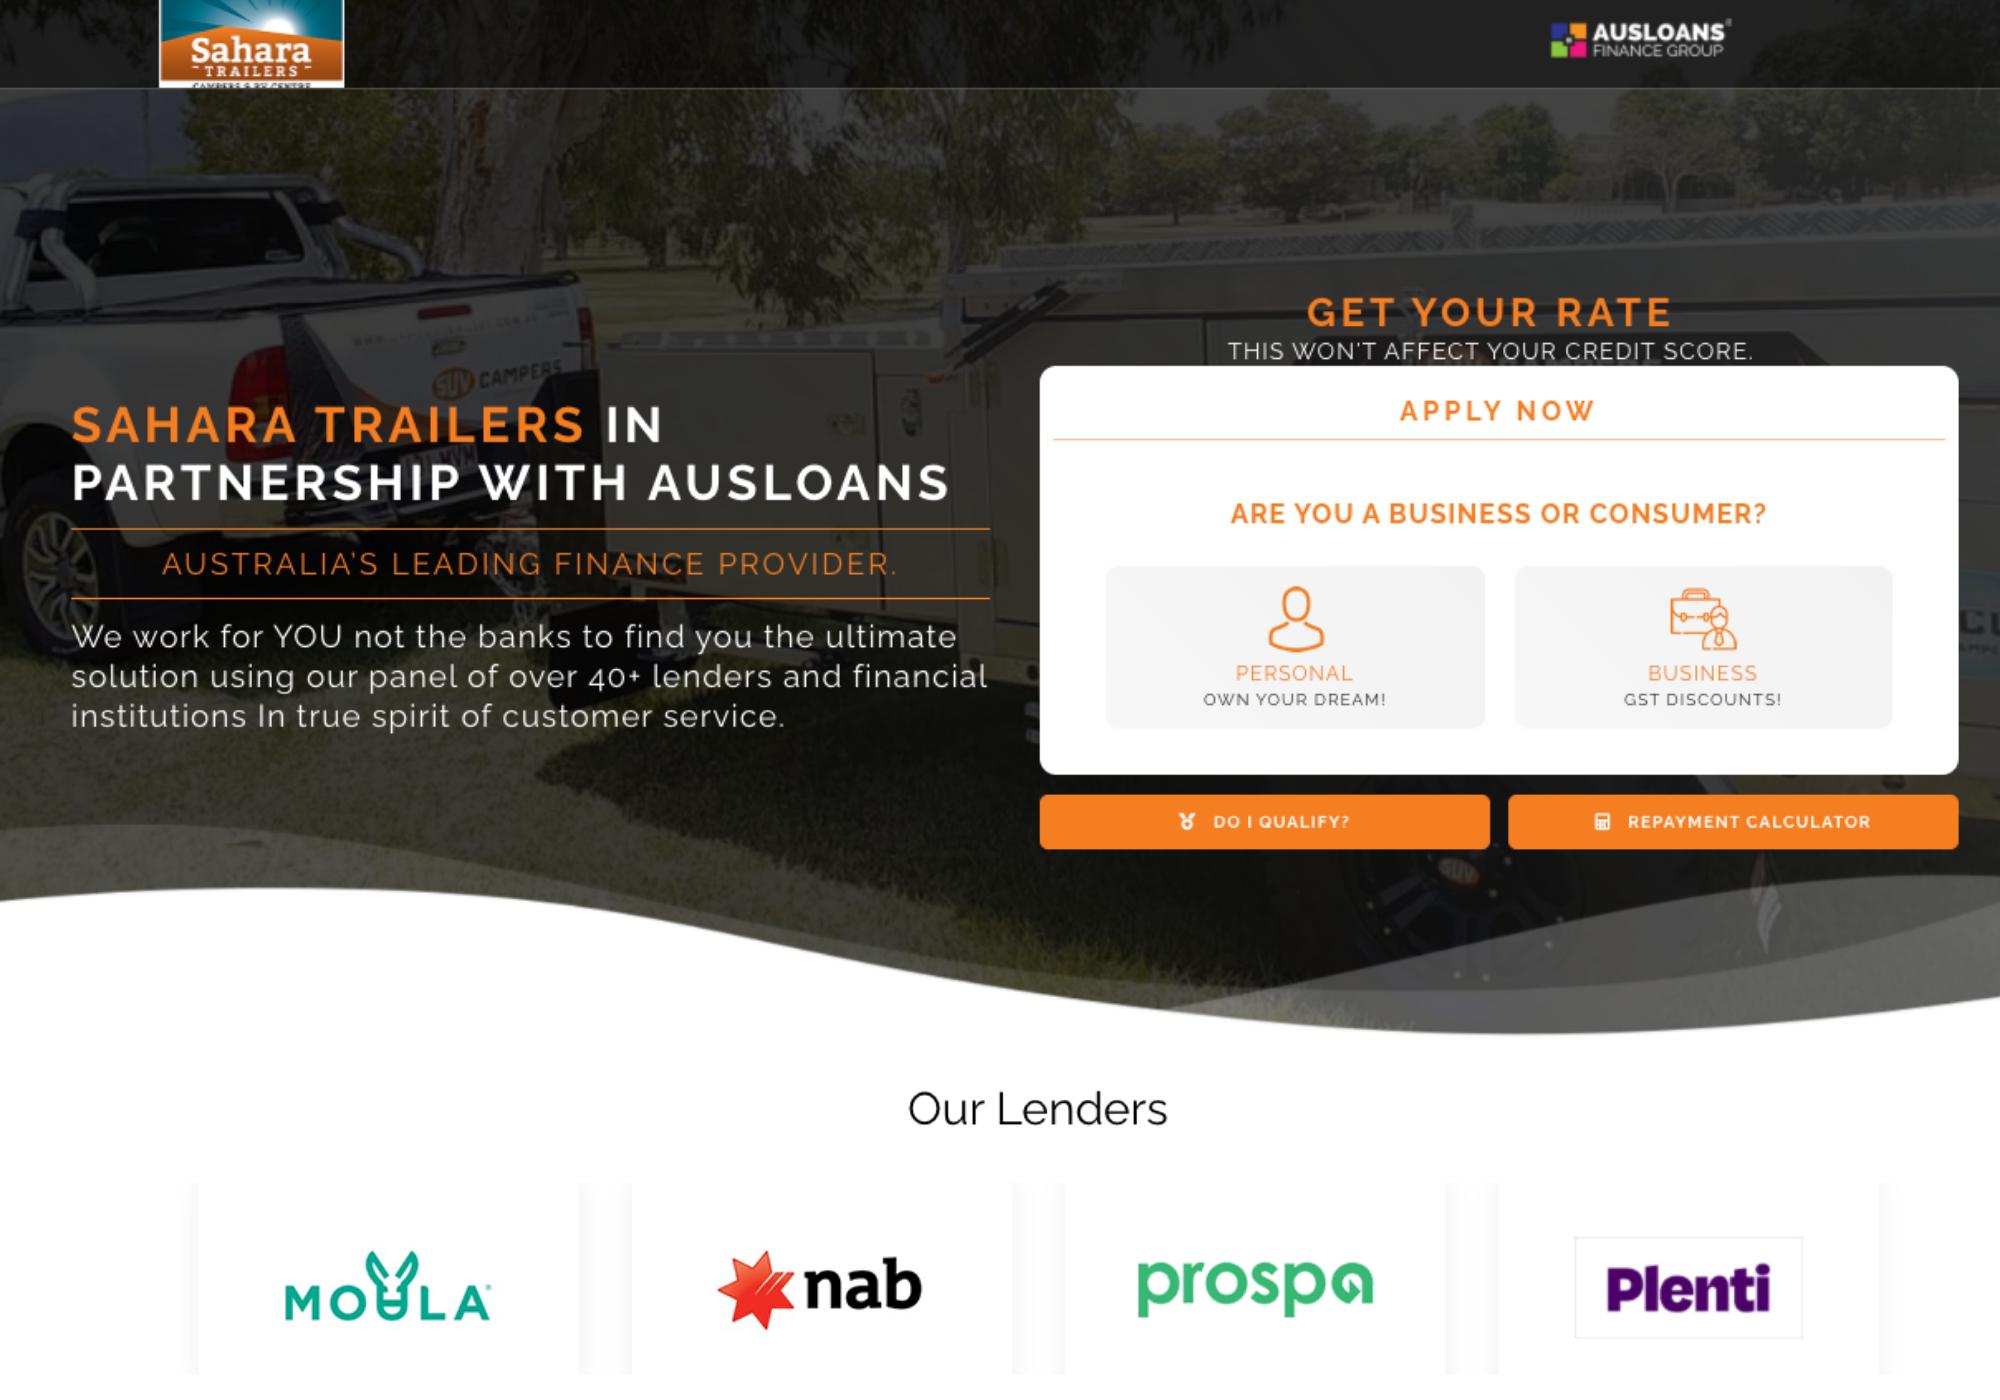 Ausloans marketing support partners  11